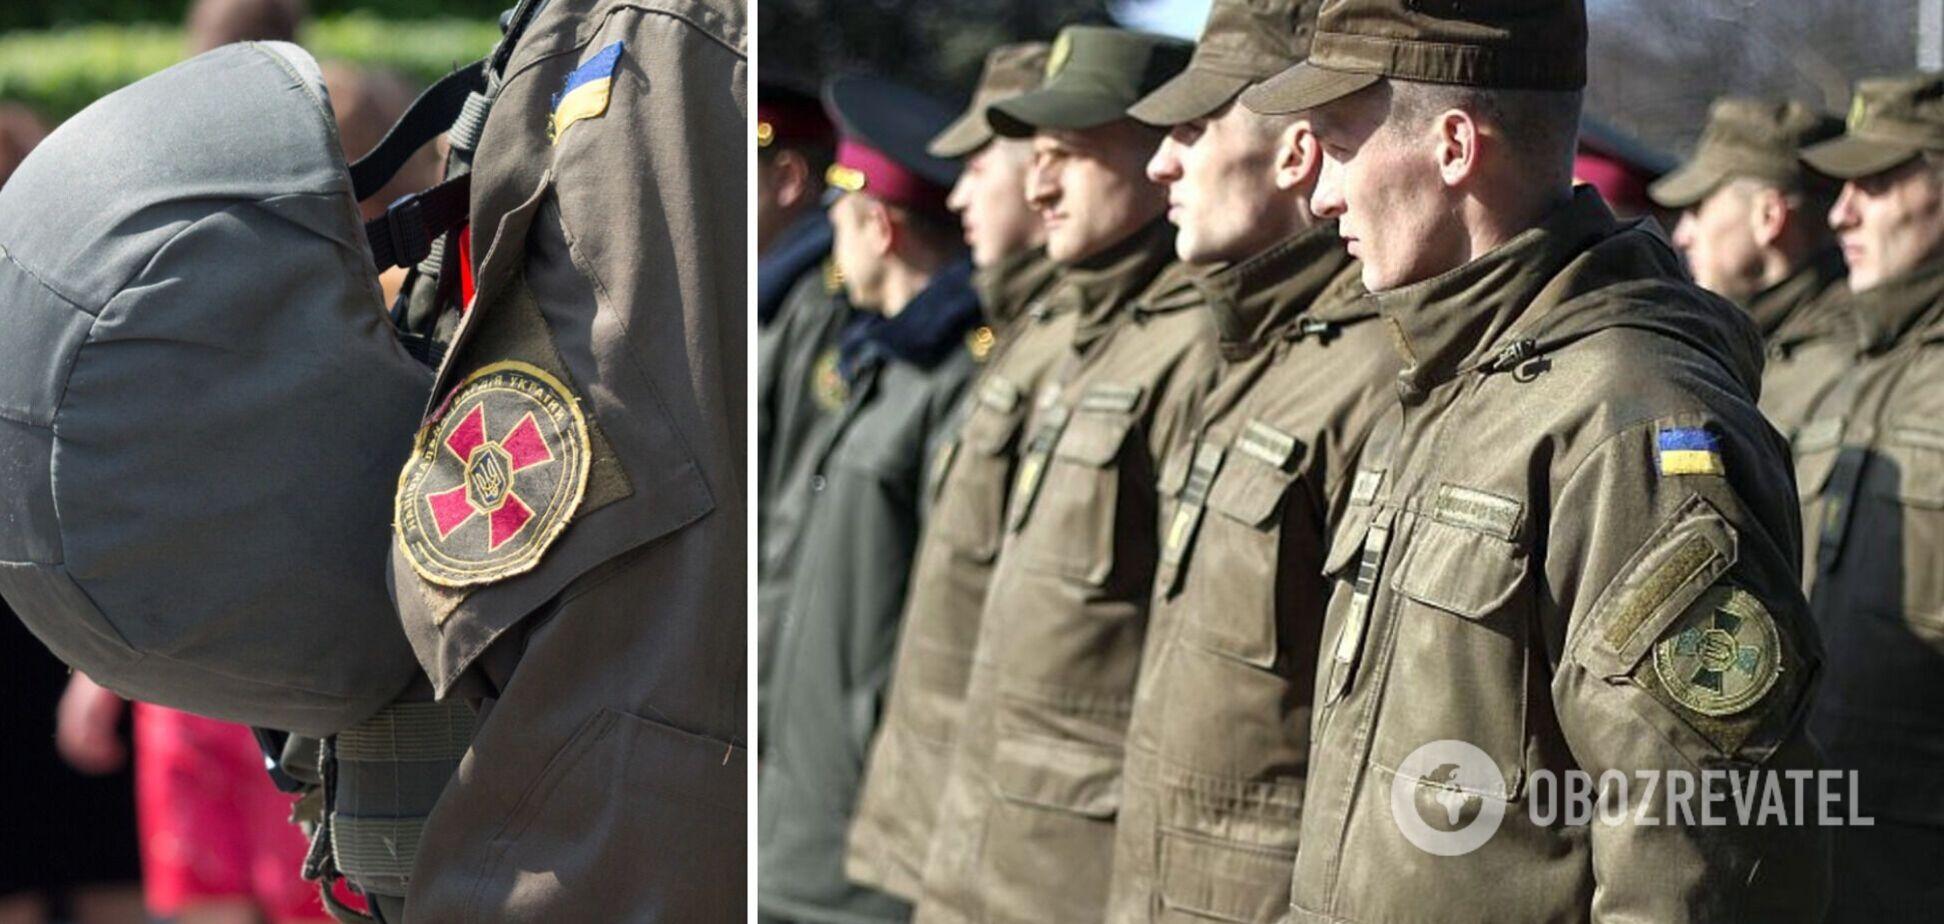 Пять бойцов Нацгвардии посмертно получили звание Герой Украины. Фото